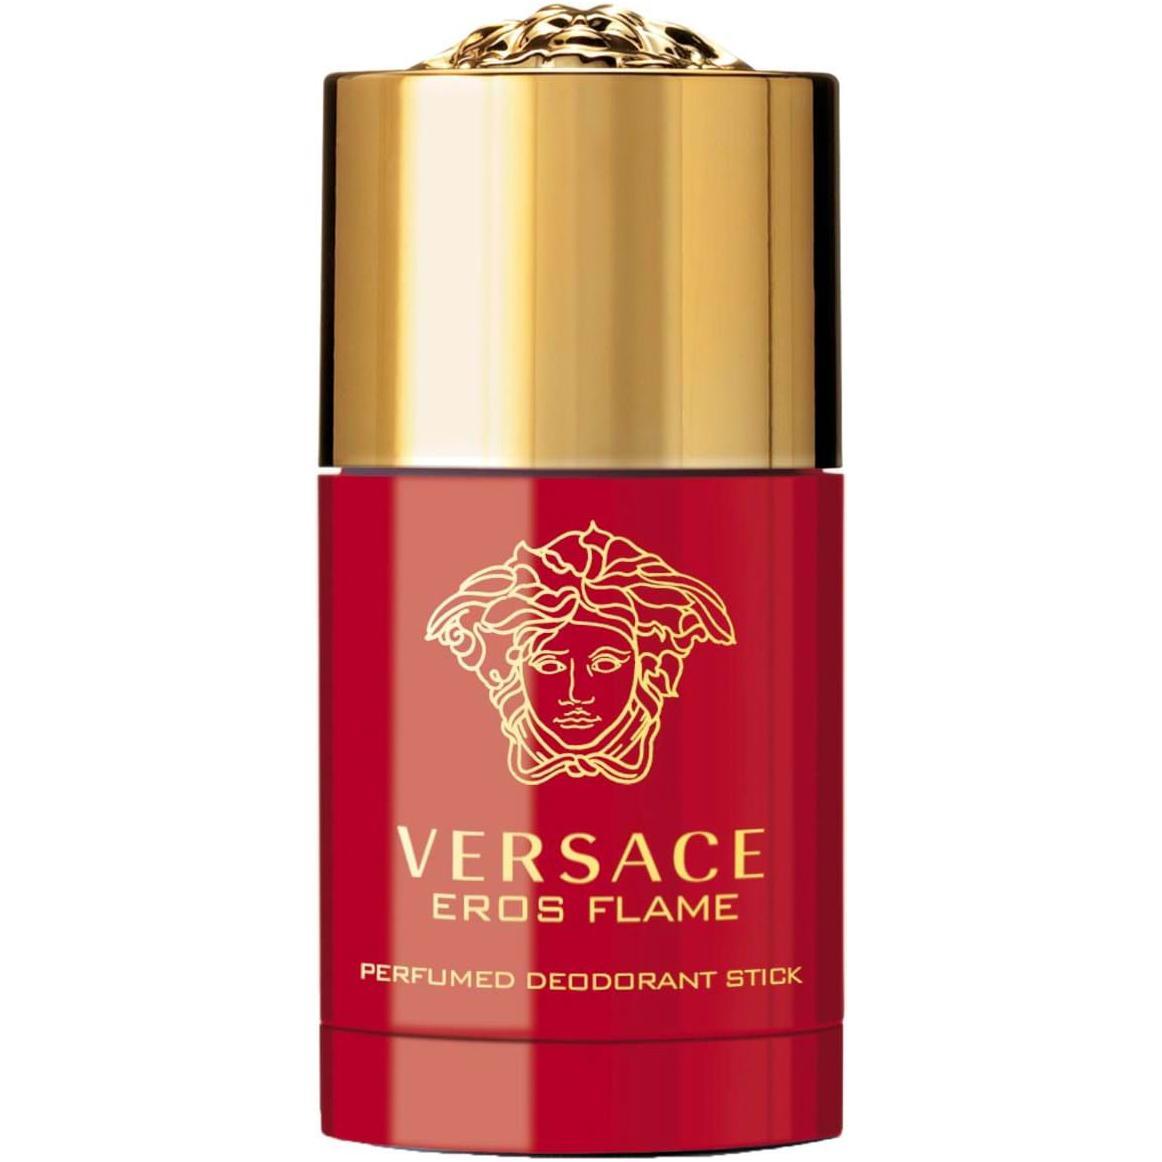 Lăn khử mùi nam V.E.R.S.A.C.E Eros Flame 75ml cao cấp